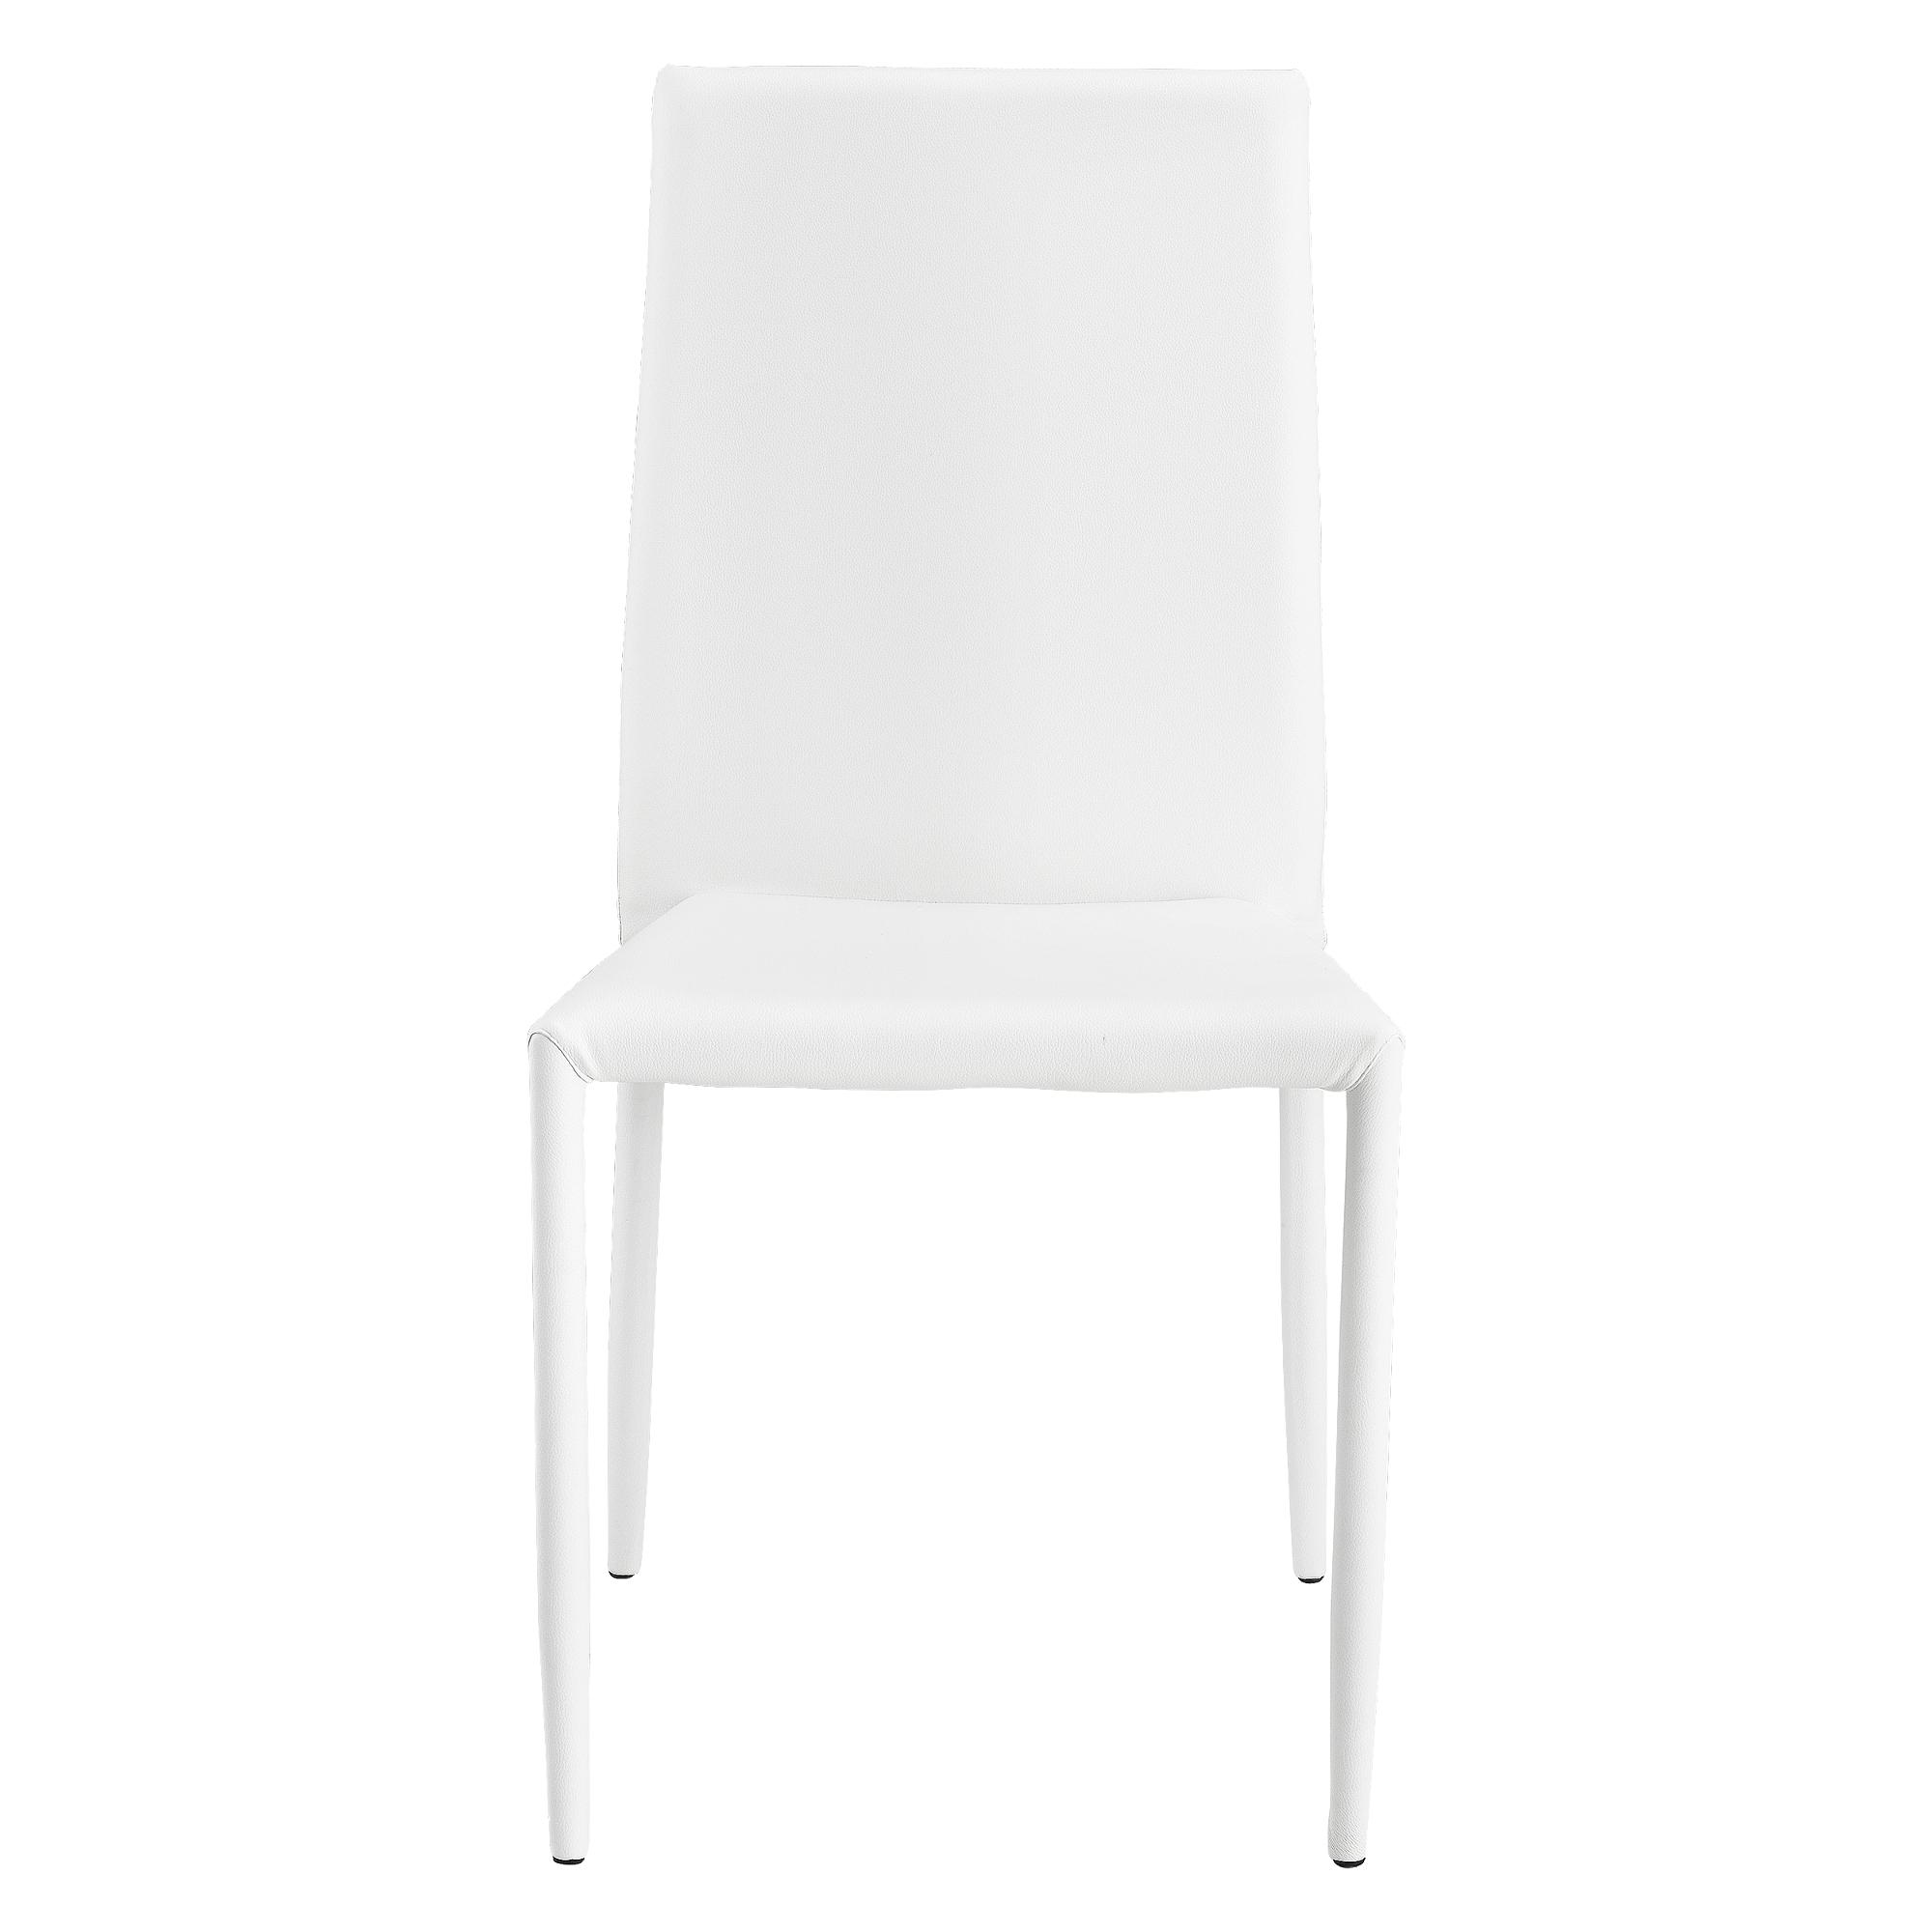 Tavolo da pranzo con 4 sedie biance 120x70cm tavolo cucina e pranzo ebay - Tavolo cucina 120 x 70 ...